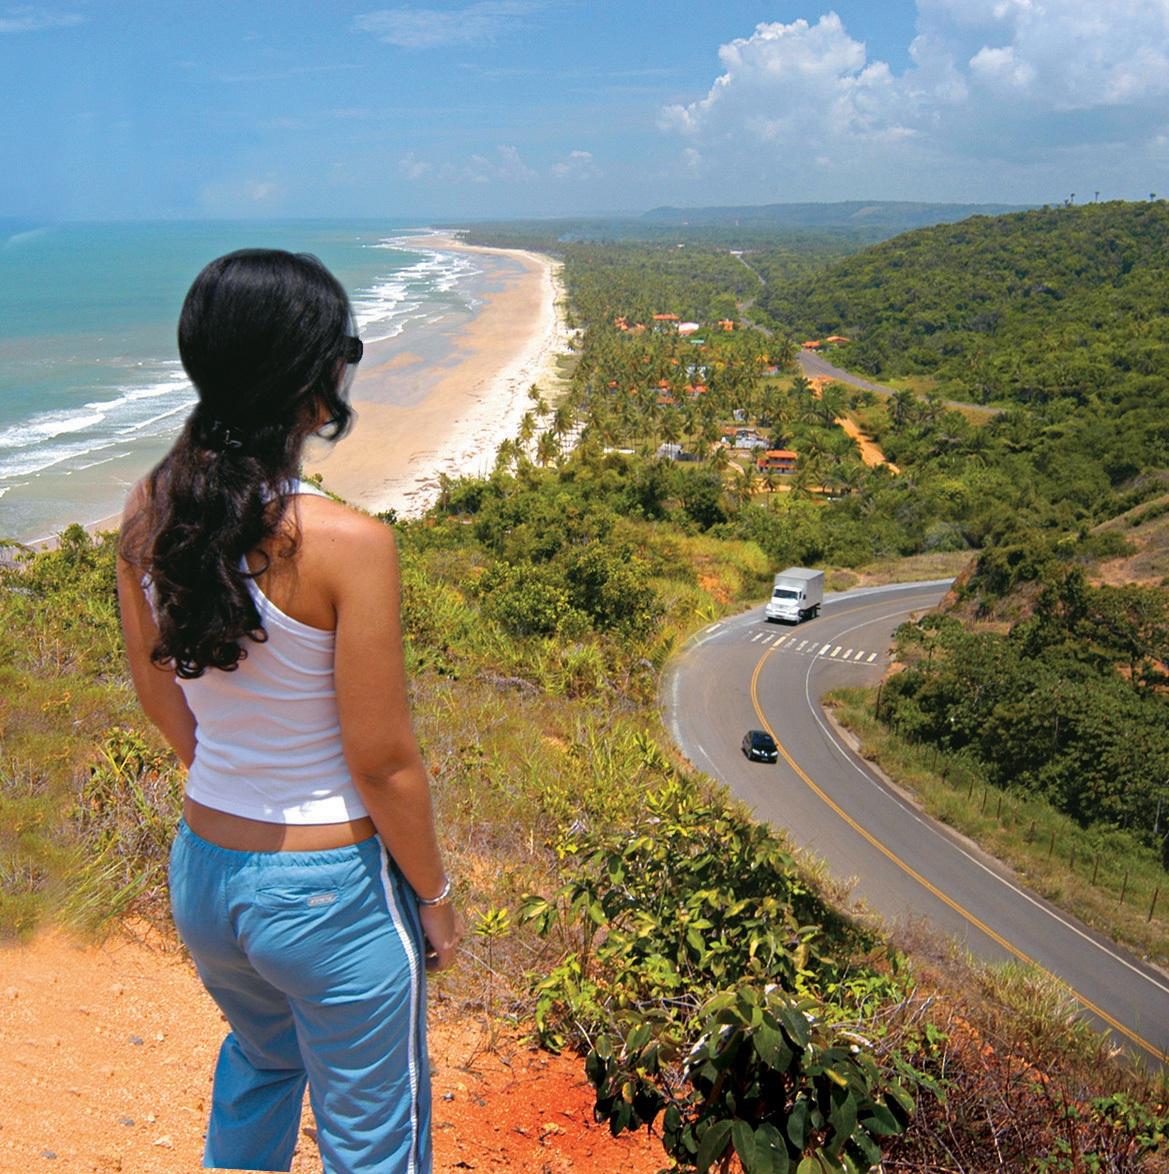 Antes destino de turistas interessados nos cenários imortalizados por Jorge Amado, hoje os principais atrativos de Ilhéus são as praias distantes do centro e os resorts em direção à vizinha Una